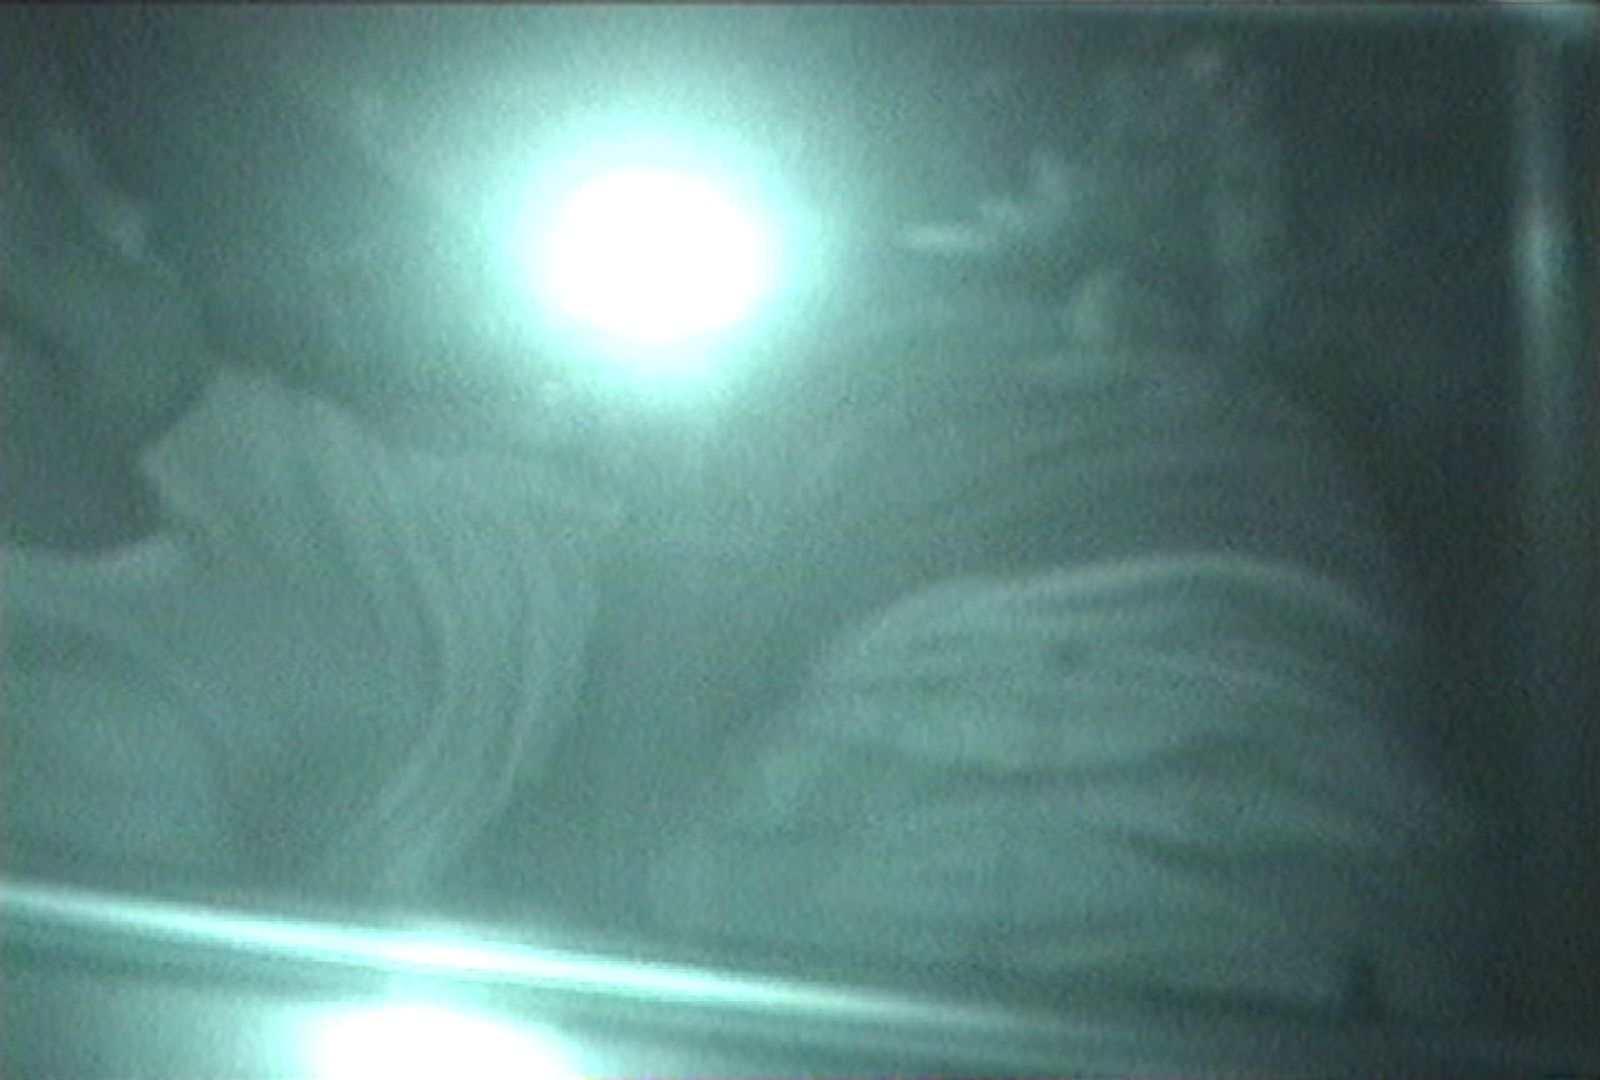 充血監督の深夜の運動会Vol.96 丸見え 覗きぱこり動画紹介 59pic 47